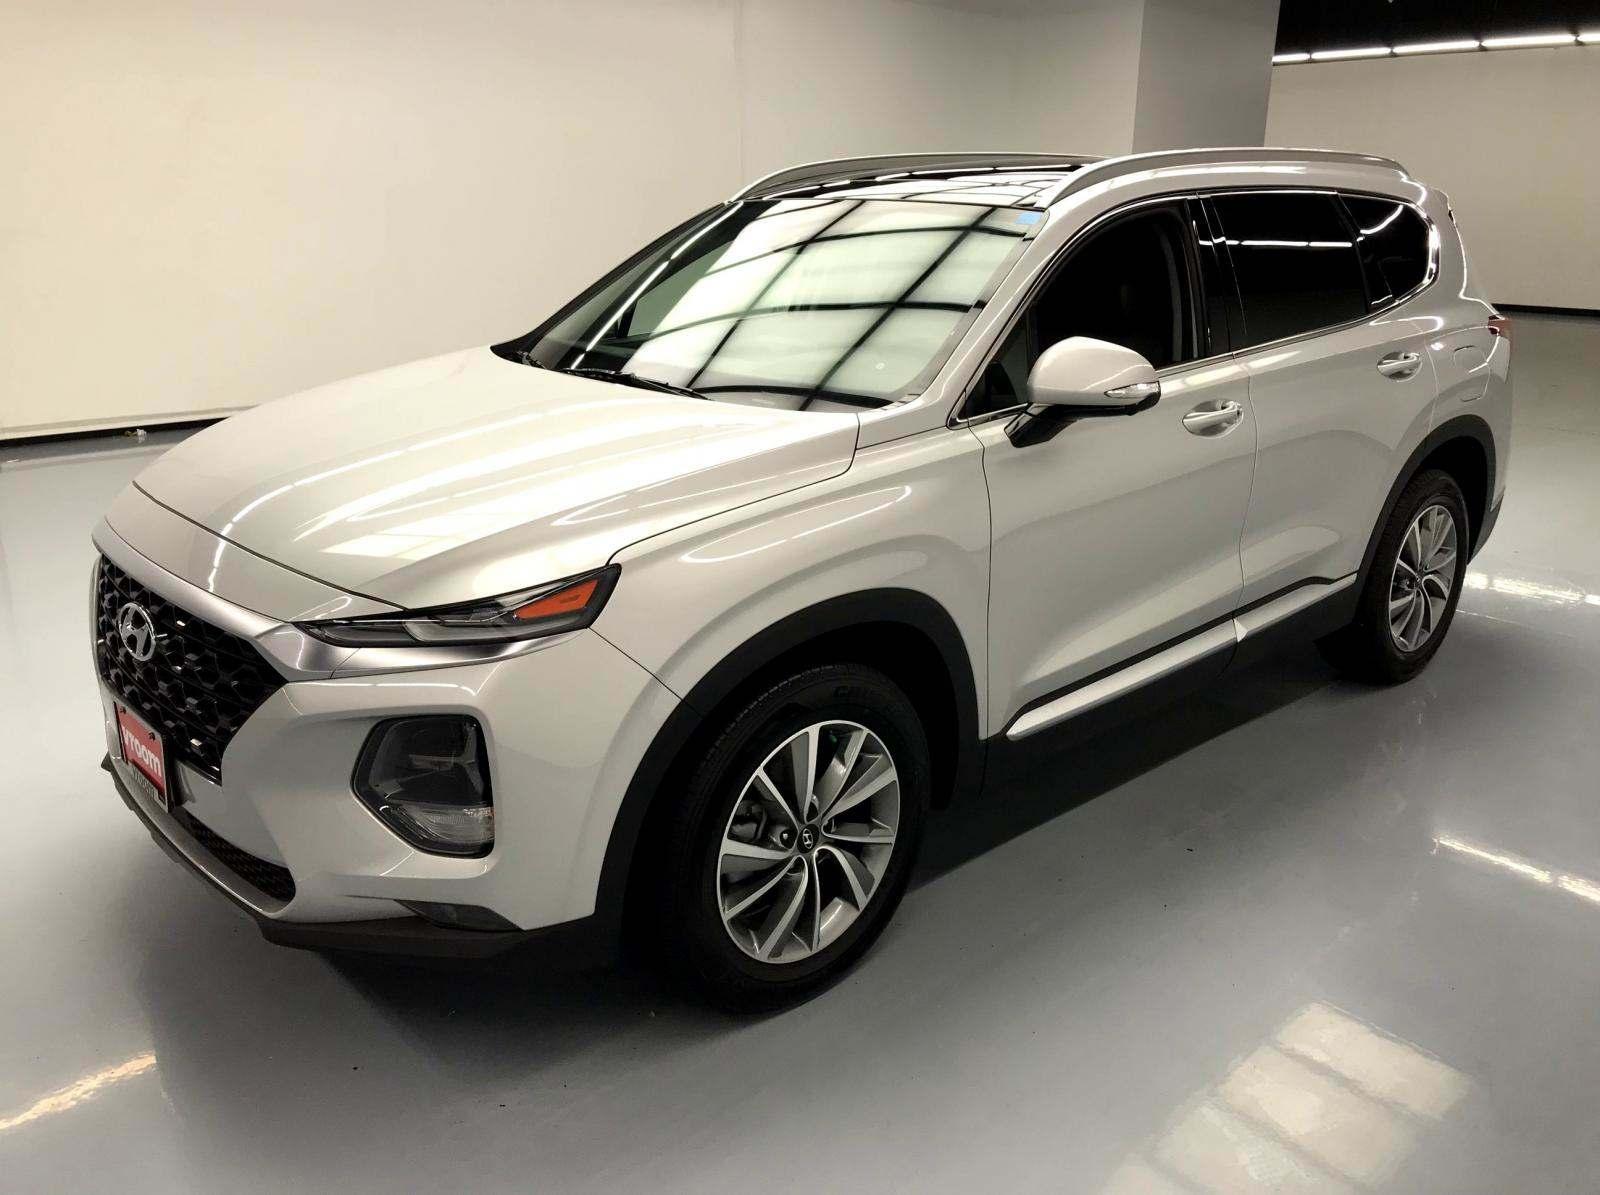 used Hyundai Santa Fe 2019 vin: 5NMS5CAD5KH000463